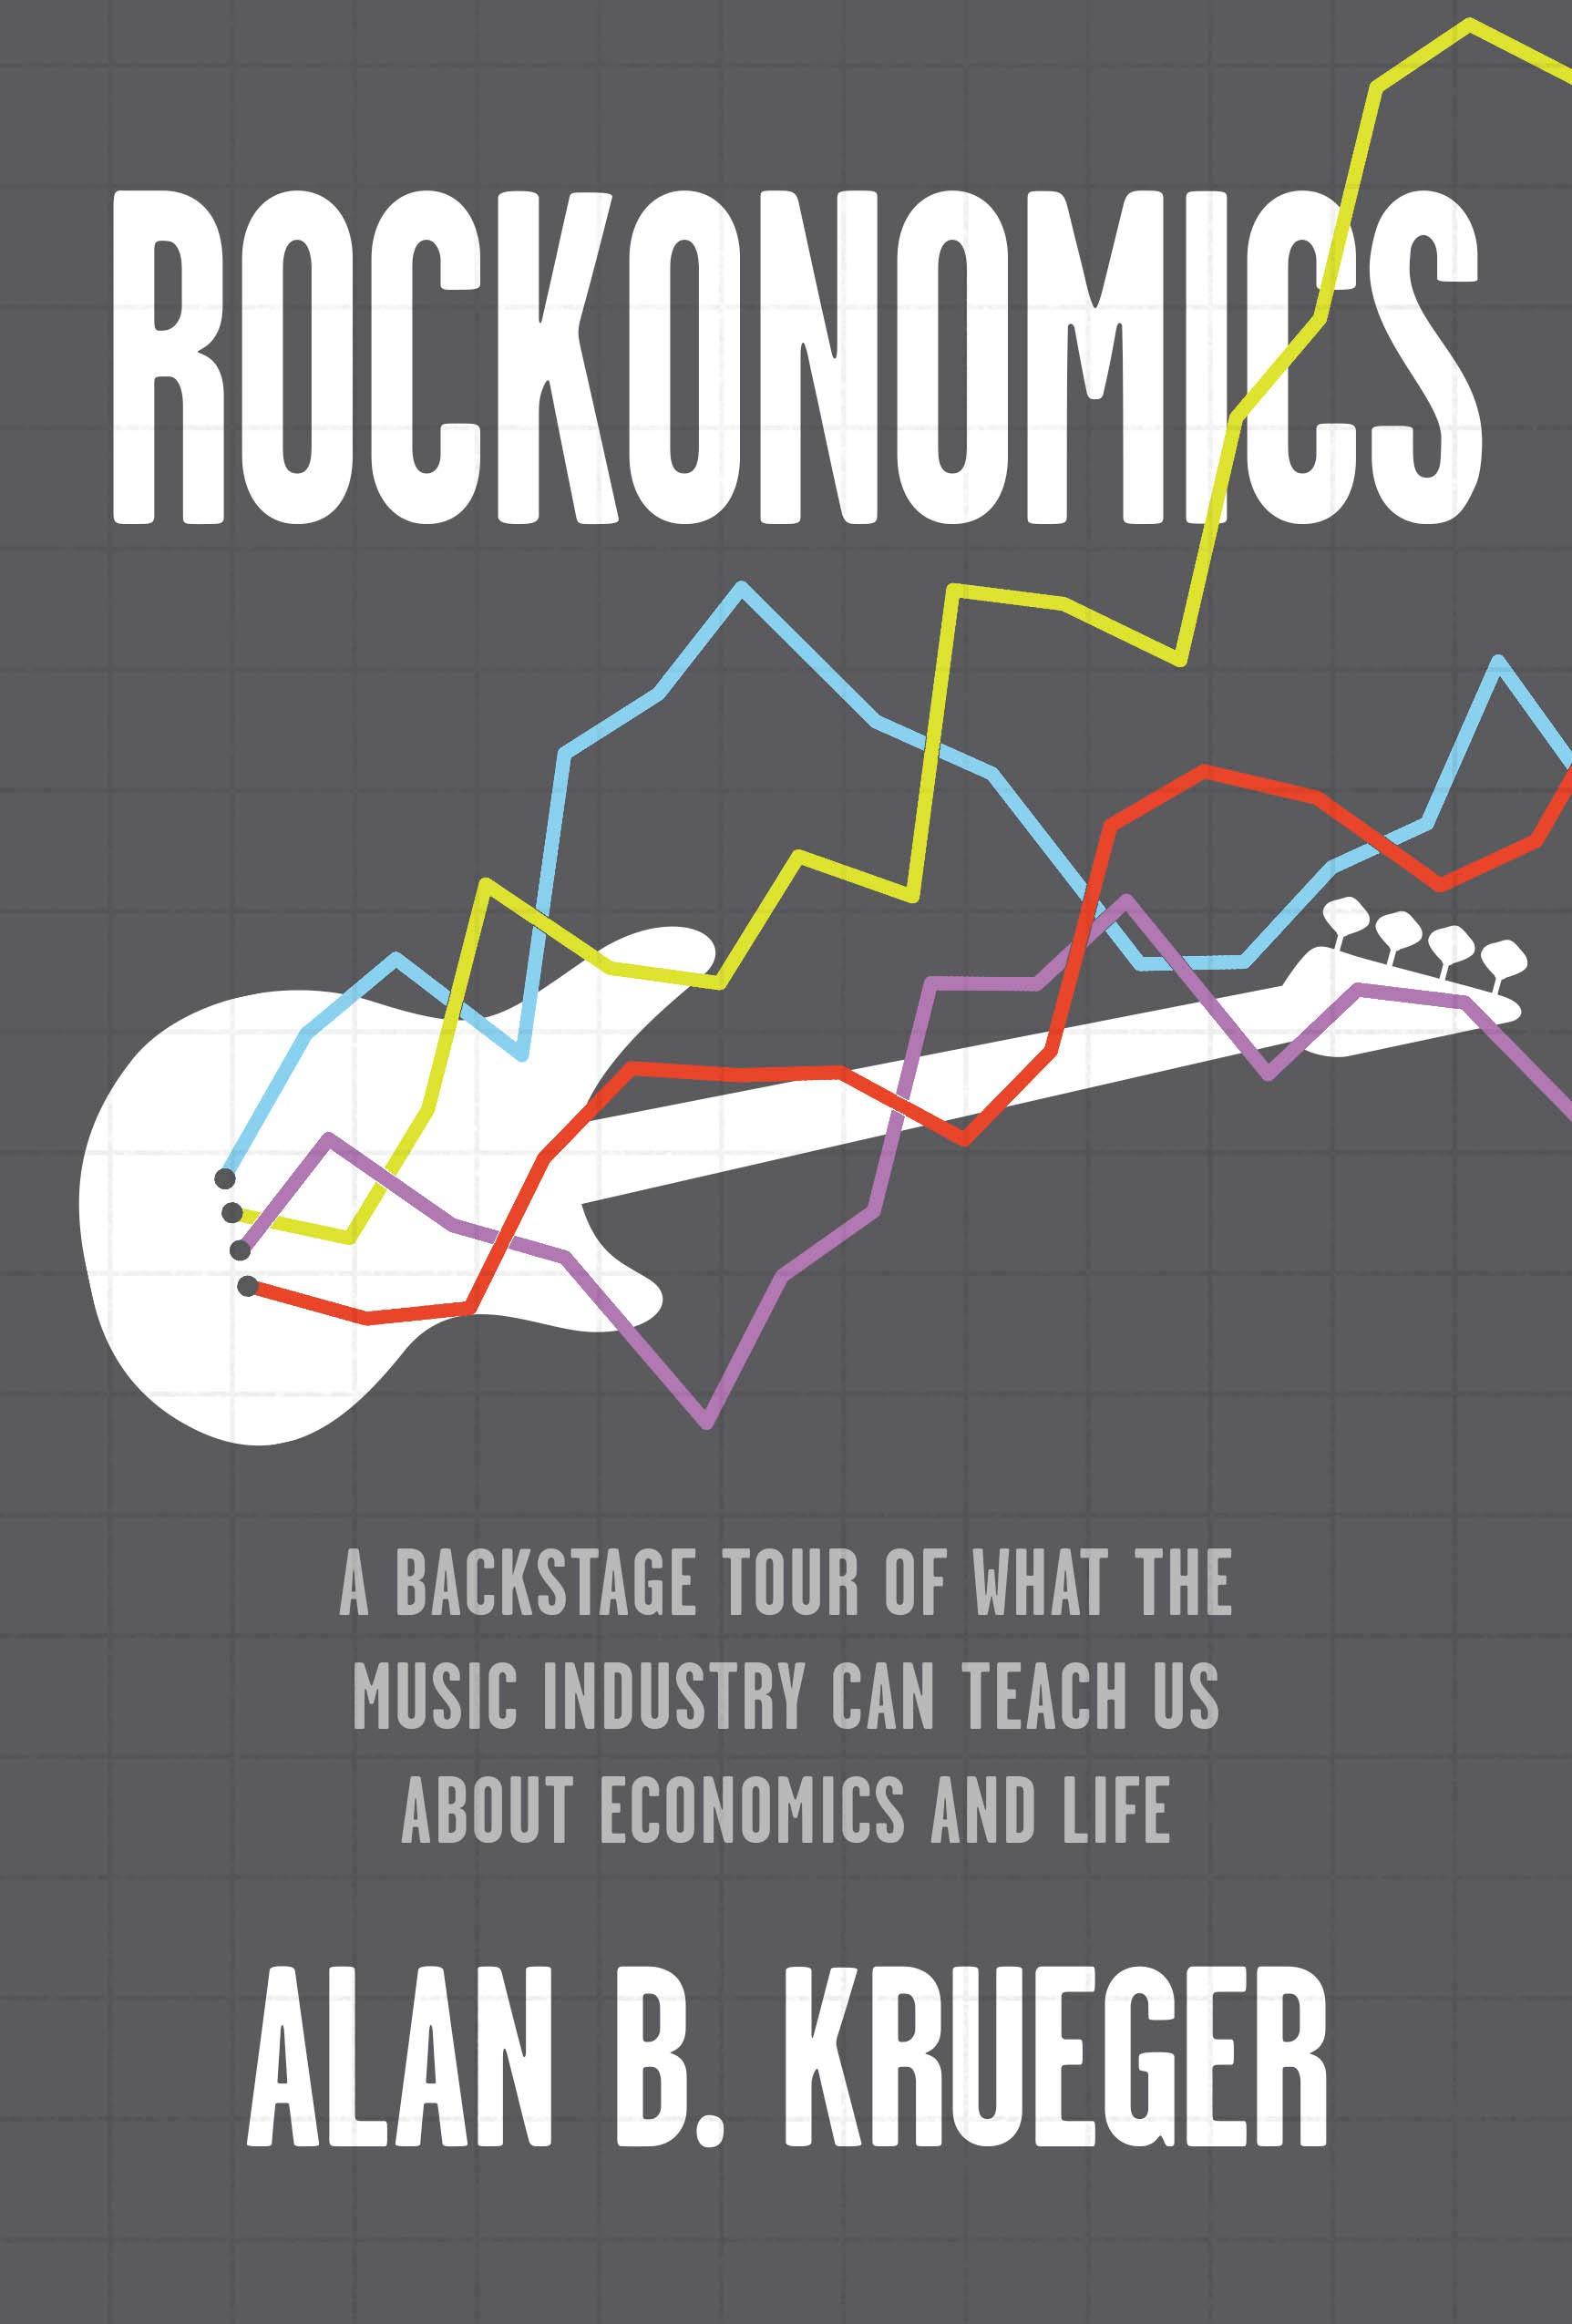 Lekcja ekonomii od gwiazd rocka